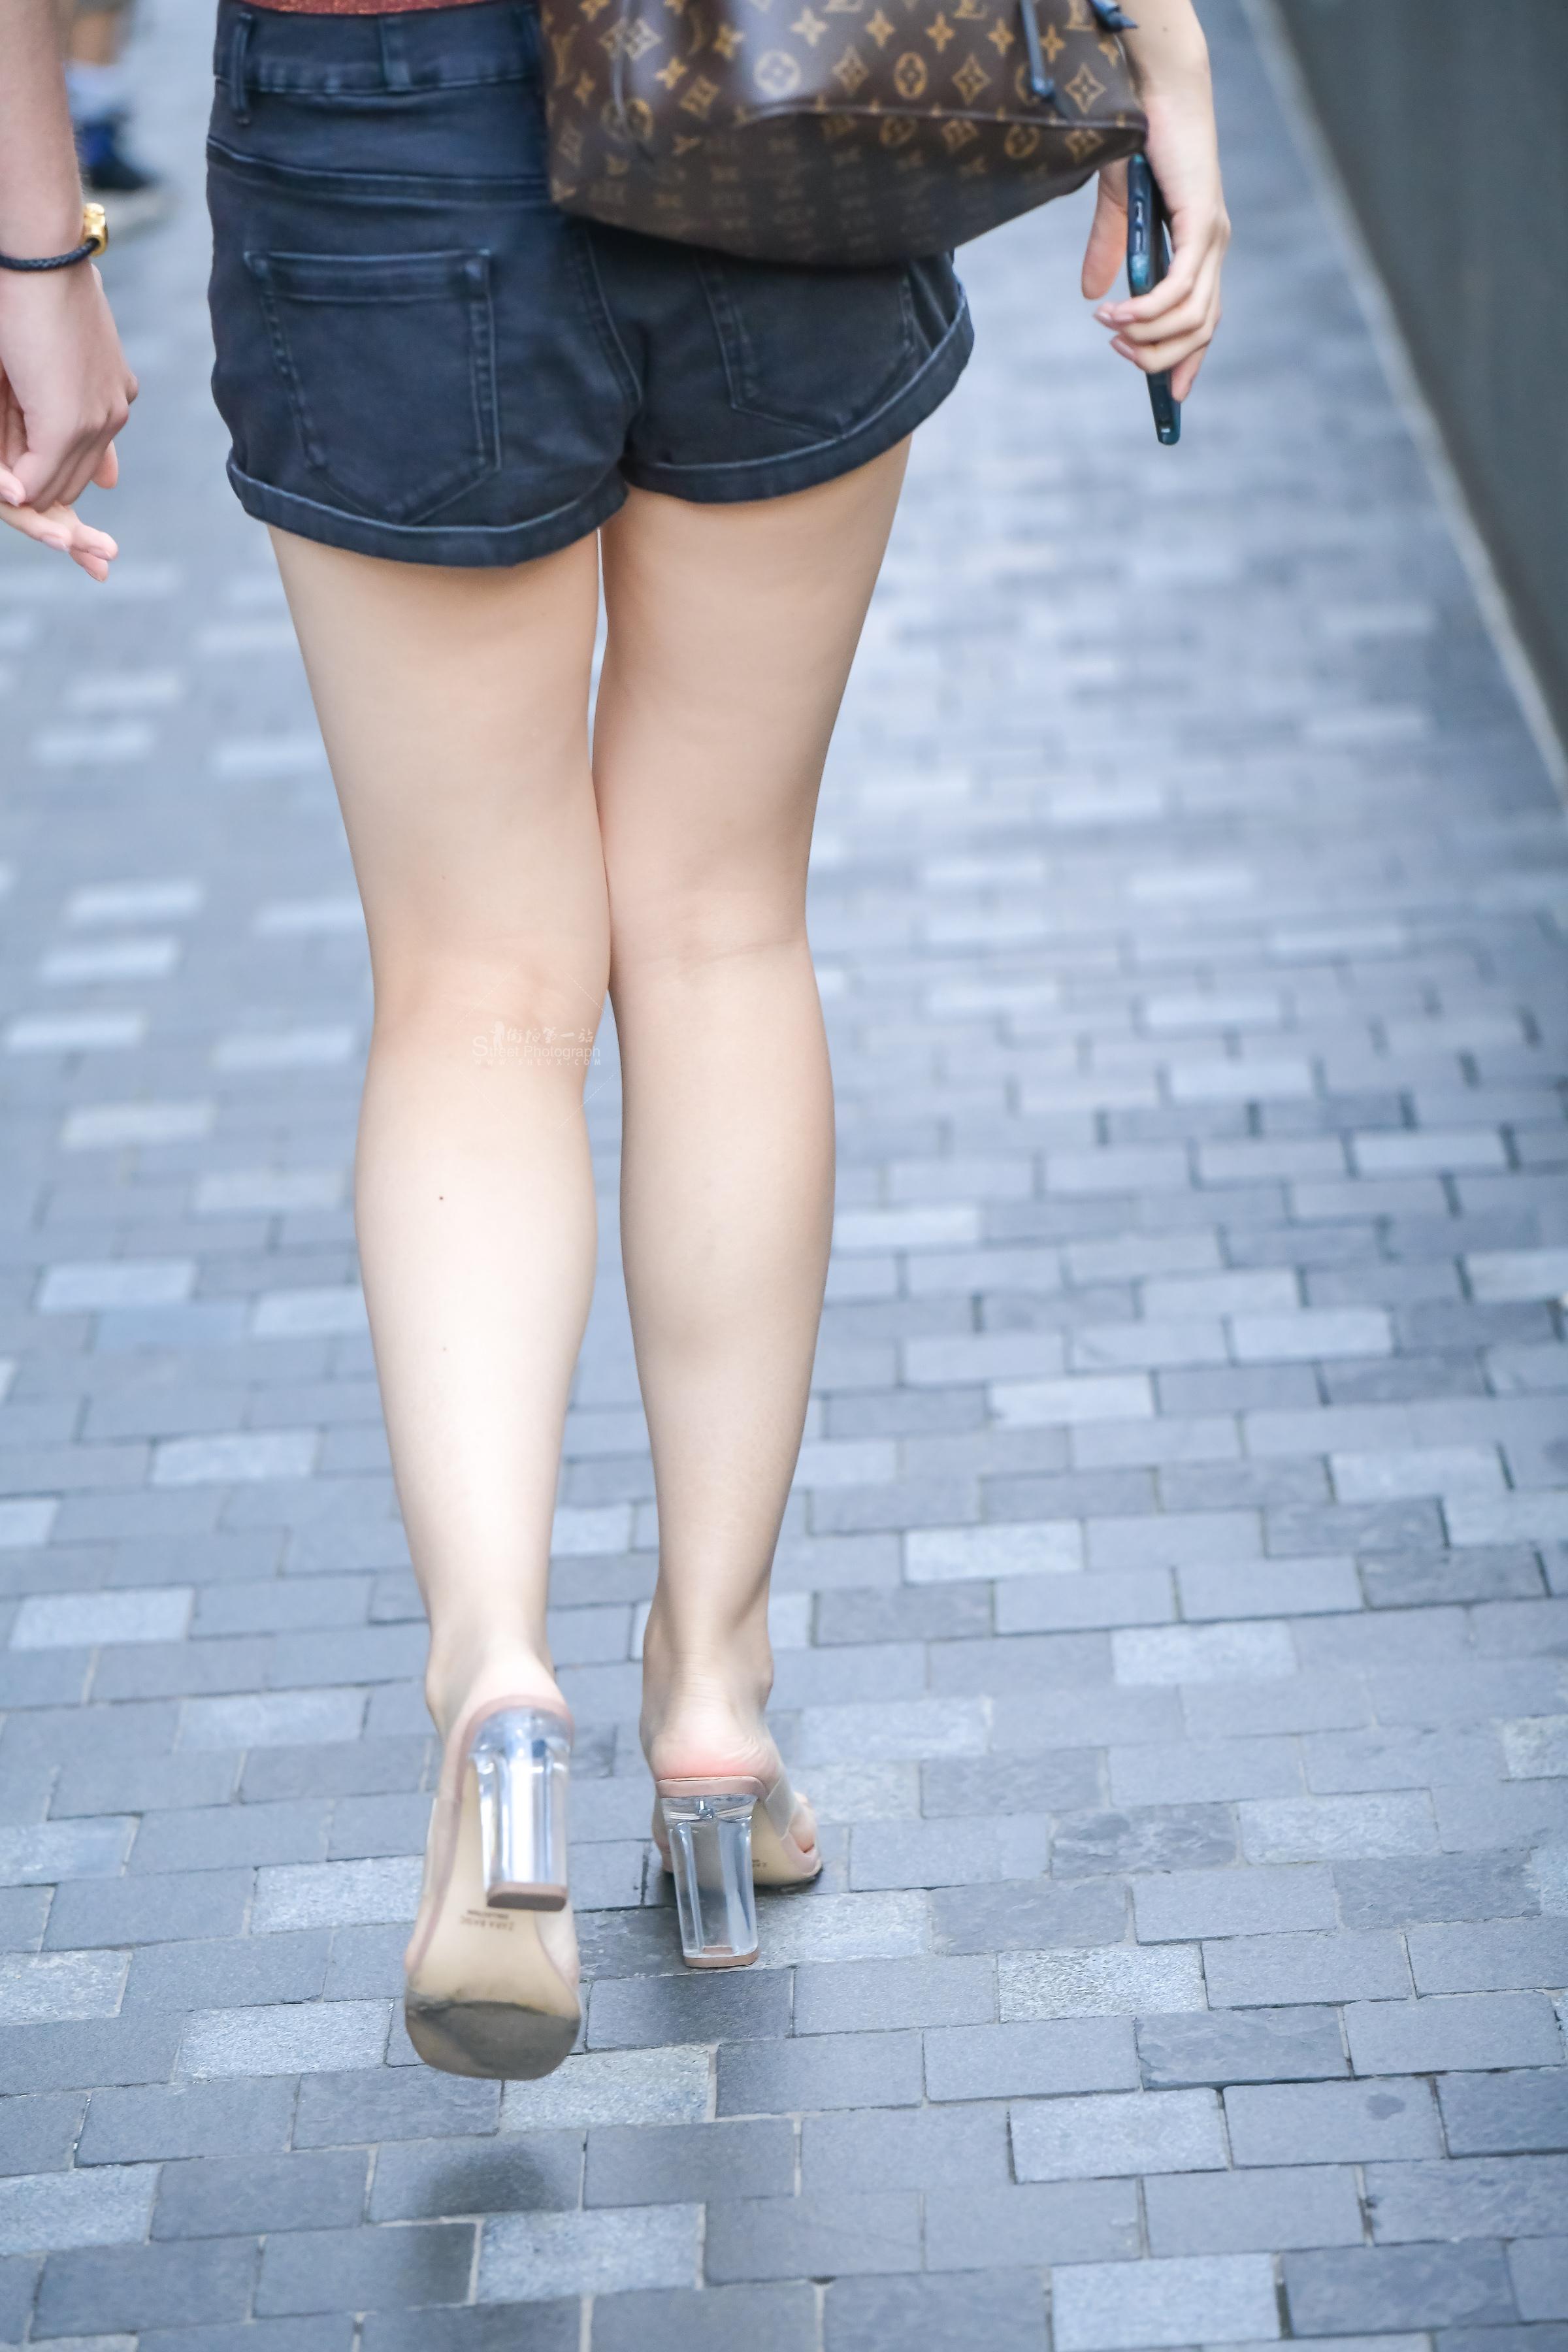 街拍高跟,街拍高跟美女,街拍美女 露背装大白腿 高跟美女的背影迷人 最新街拍丝袜图片 街拍丝袜第一站